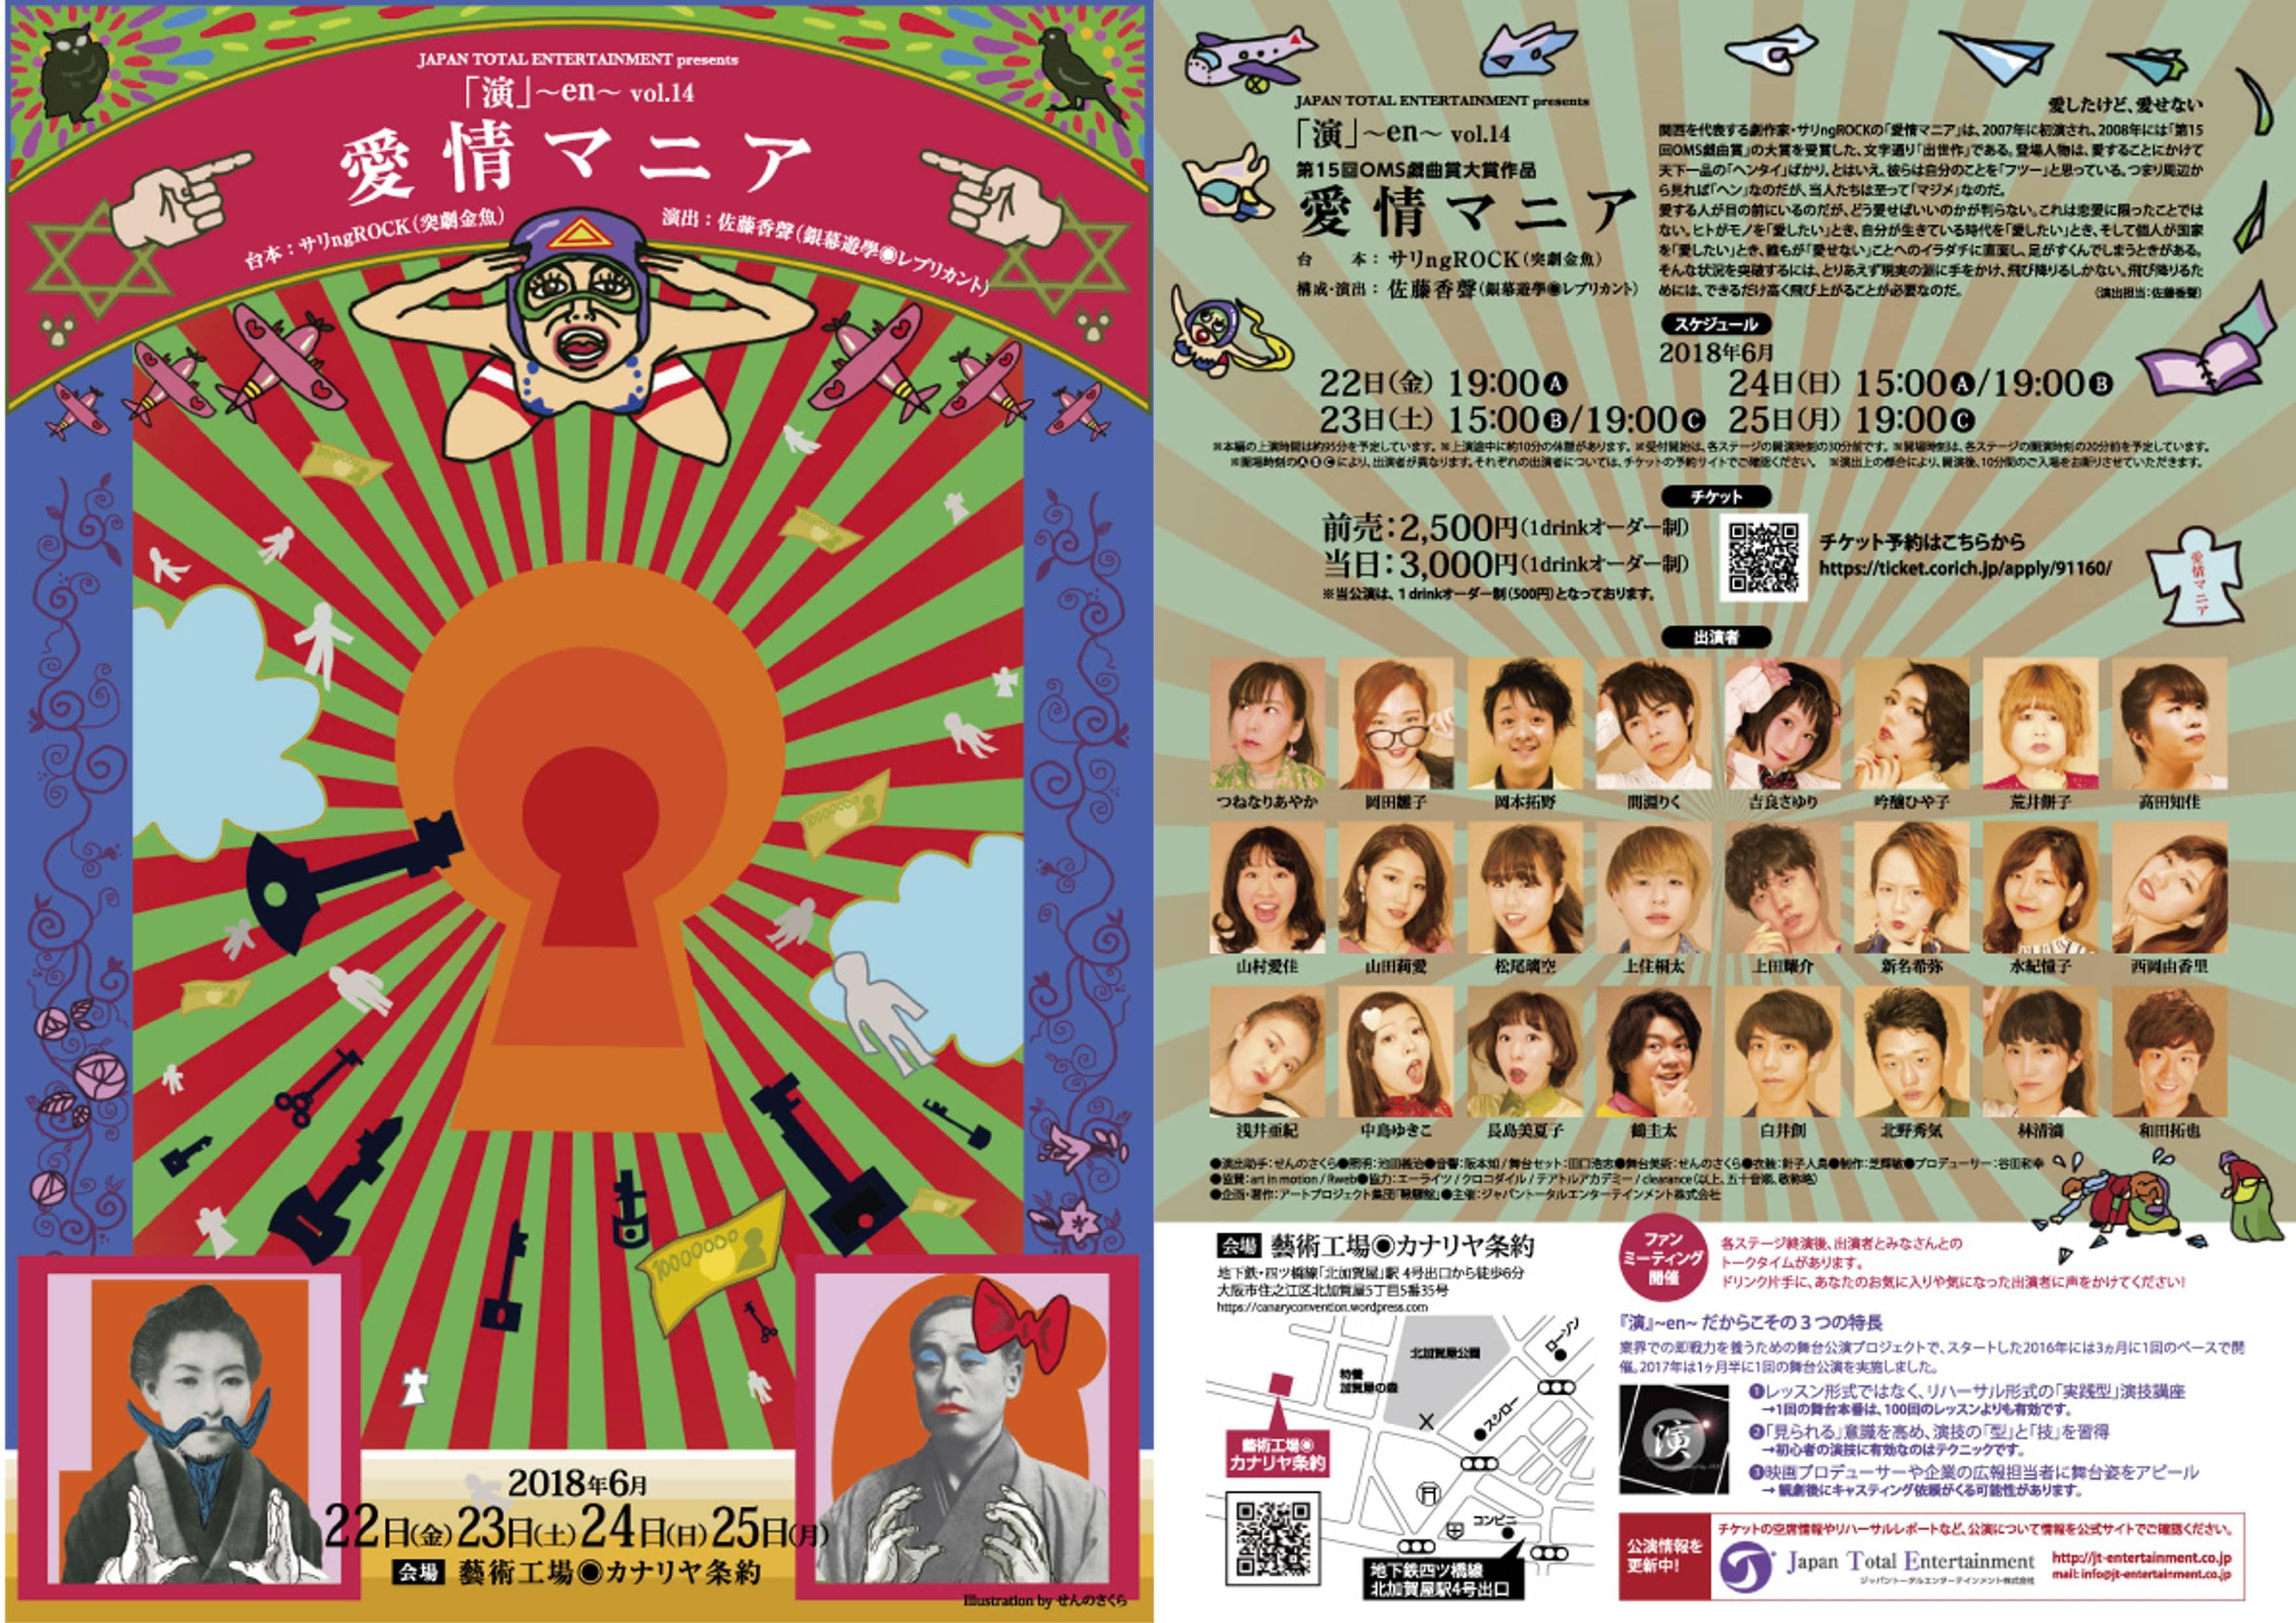 演~en~ vol.14 『愛情マニア』 2018年6月22日~25日に上演いたします!